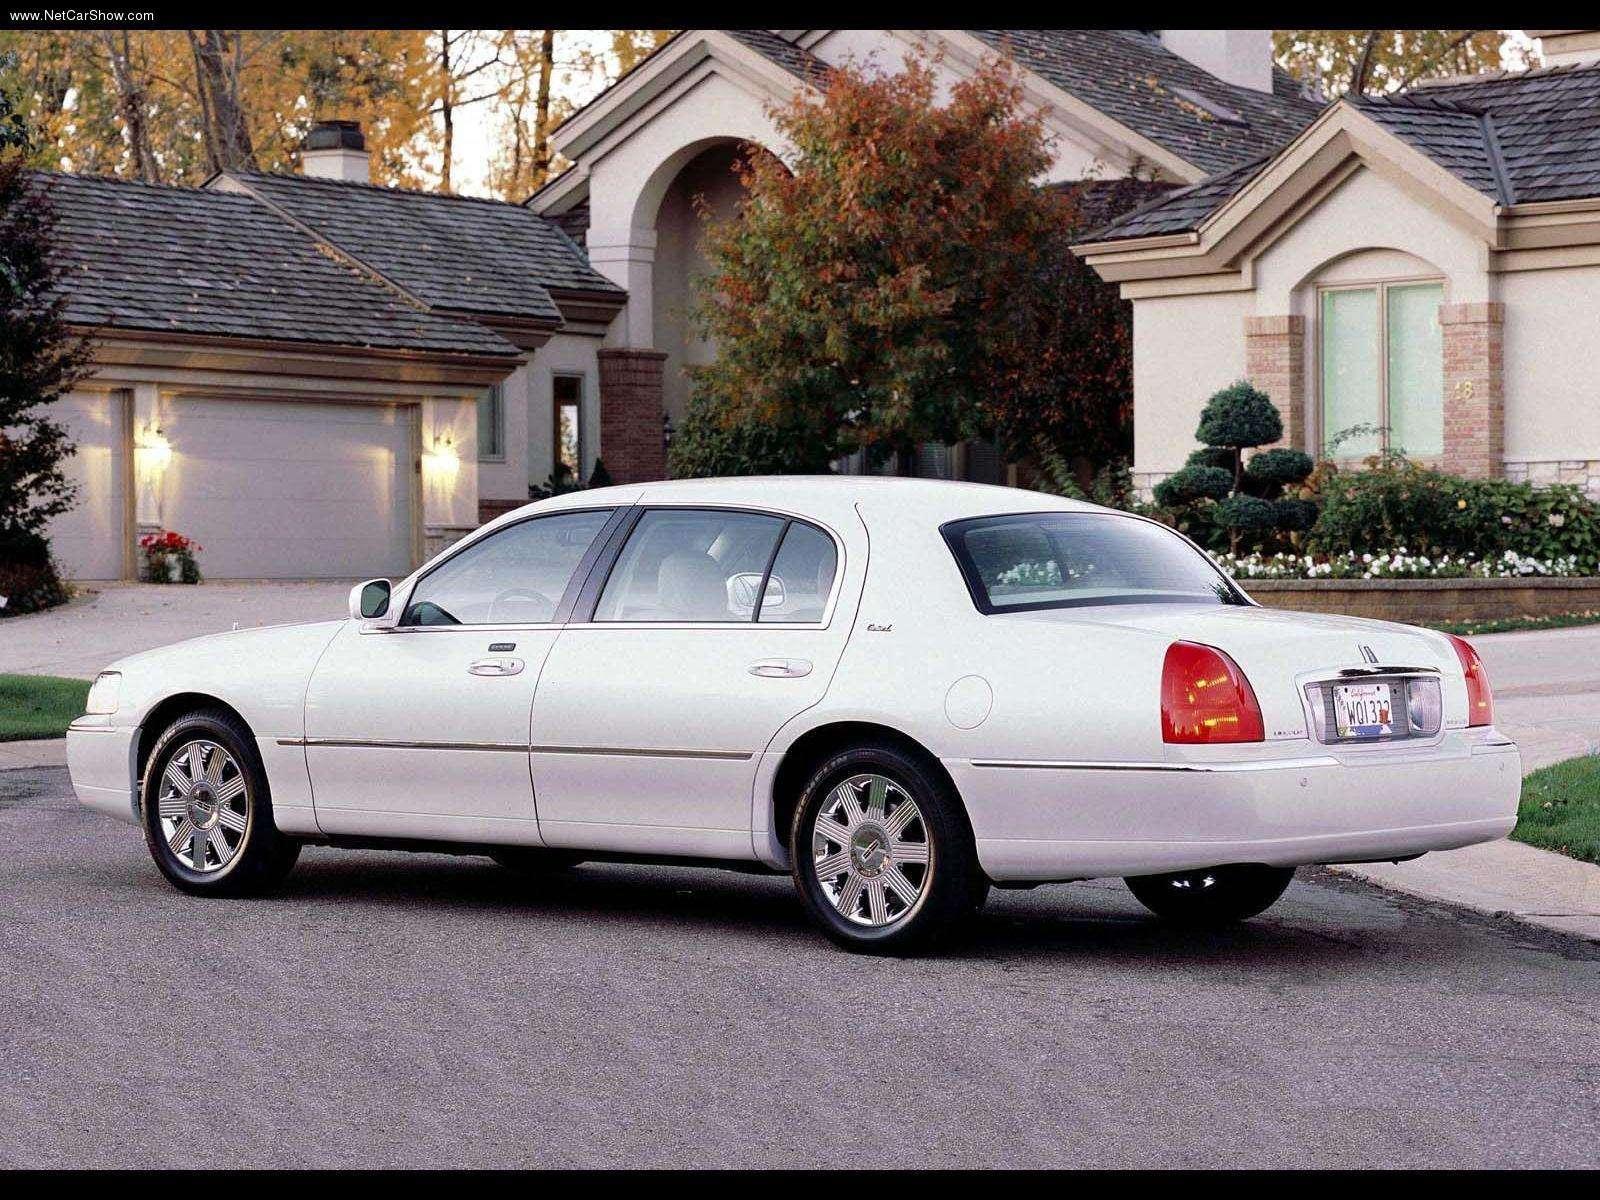 Hình ảnh xe ô tô Lincoln Town Car Cartier L 2003 & nội ngoại thất